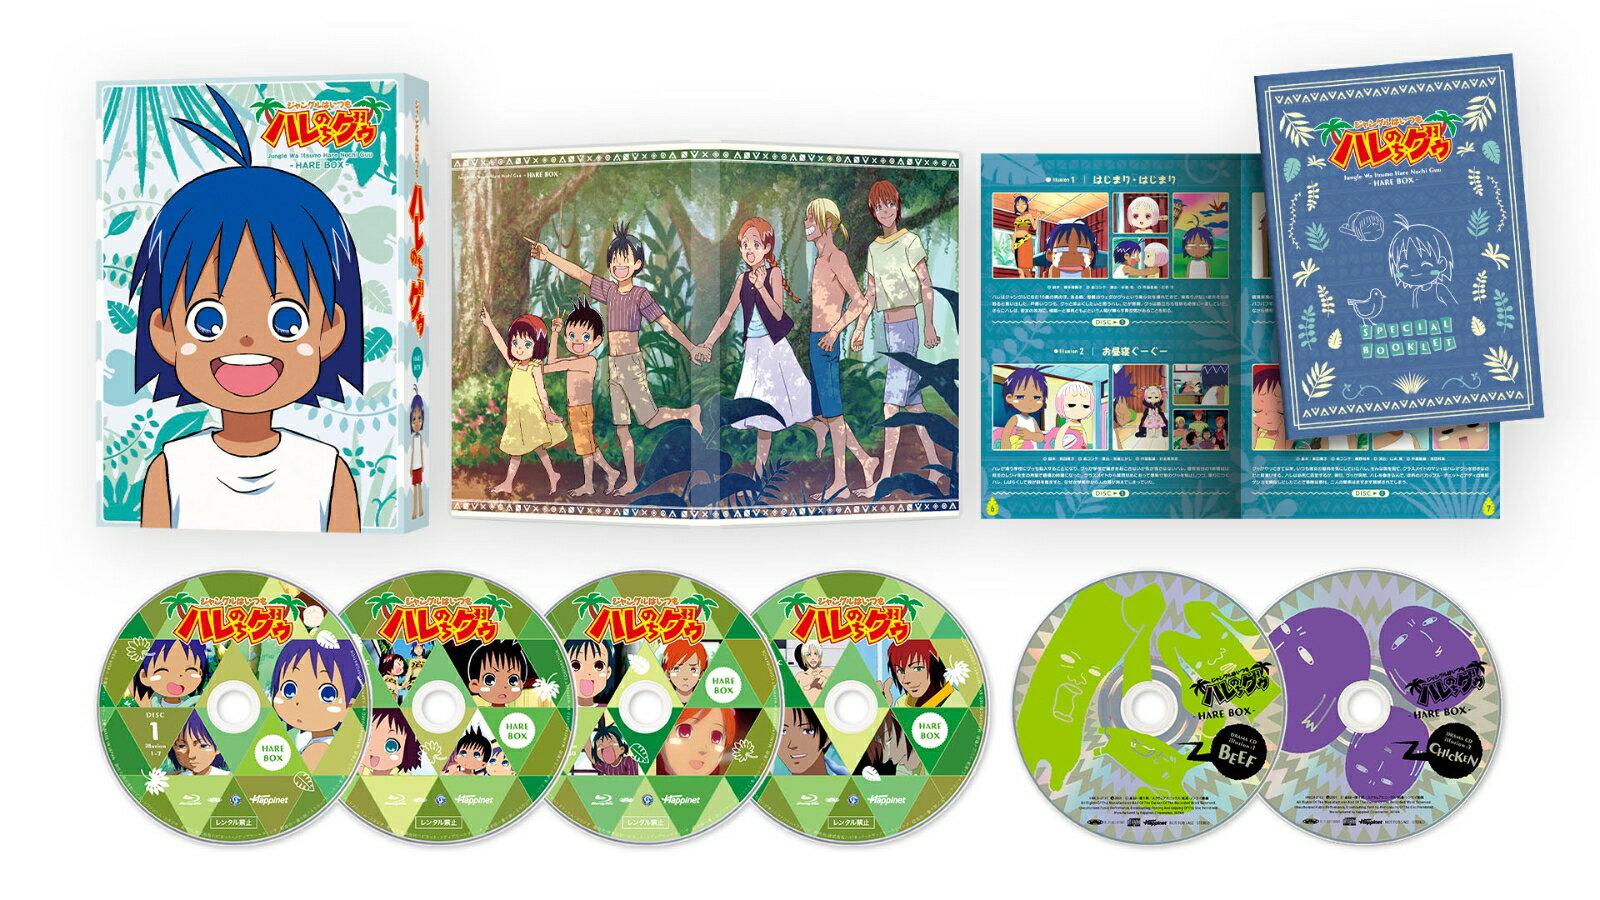 ジャングルはいつもハレのちグゥ Blu-ray 〜ハレBOX〜【Blu-ray】画像